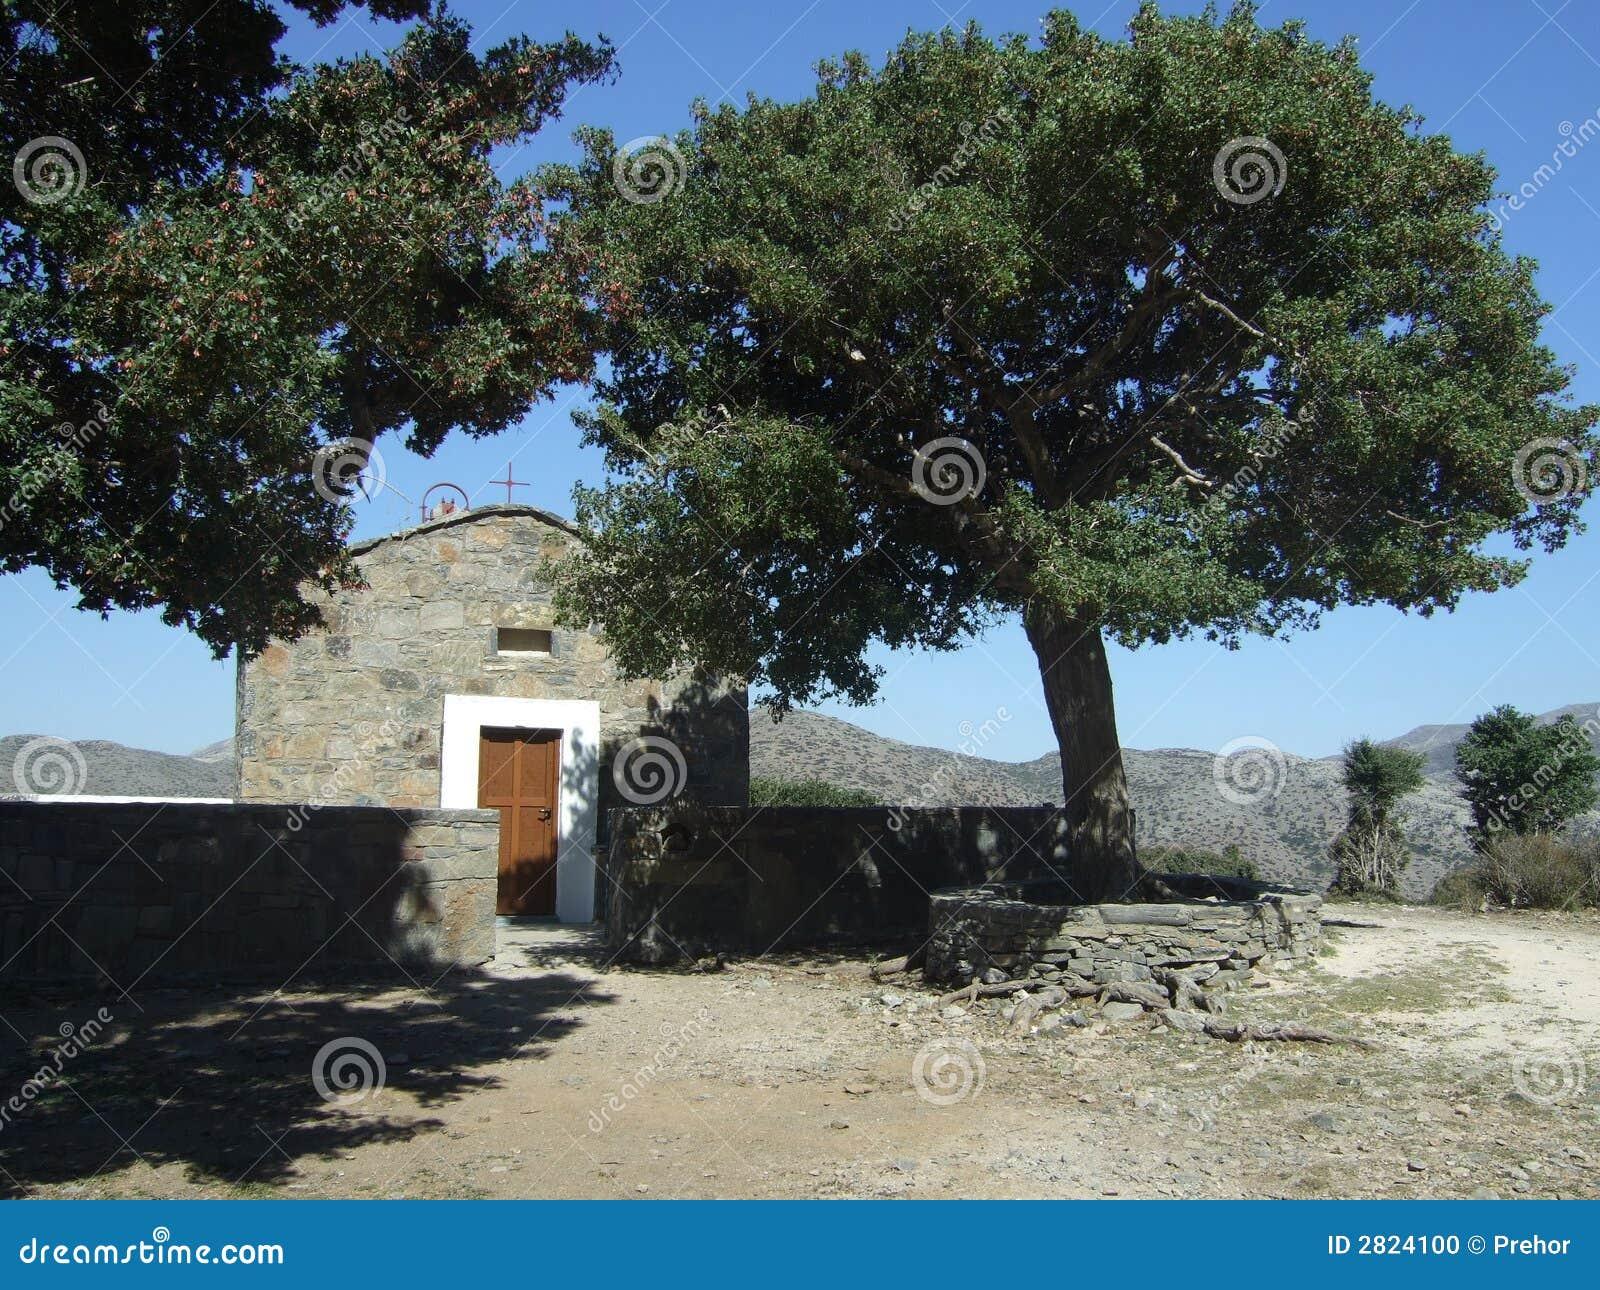 Cretan Chapel